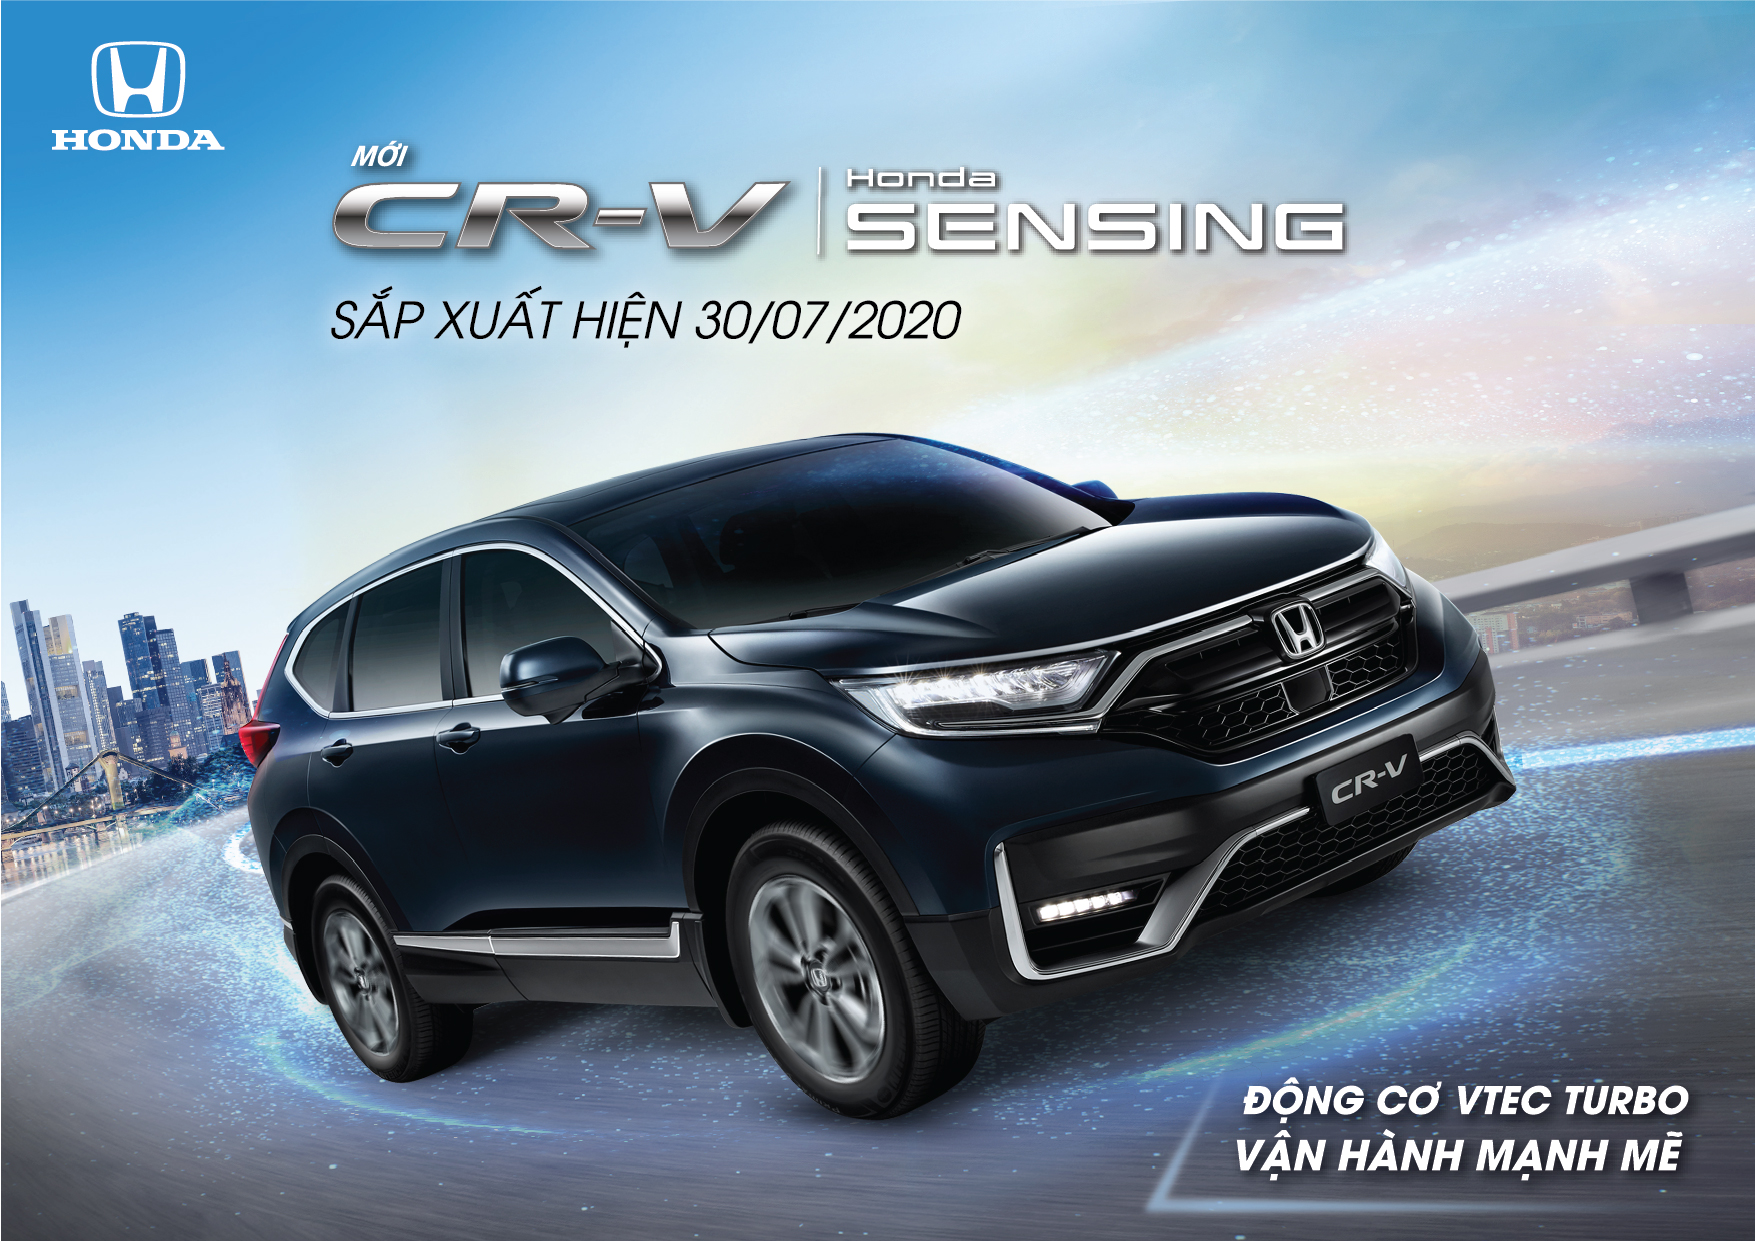 Đặt Cọc Honda CR-V Facelift 2020 Để Nhận Nhiều Ưu Đãi Có Giá Trị